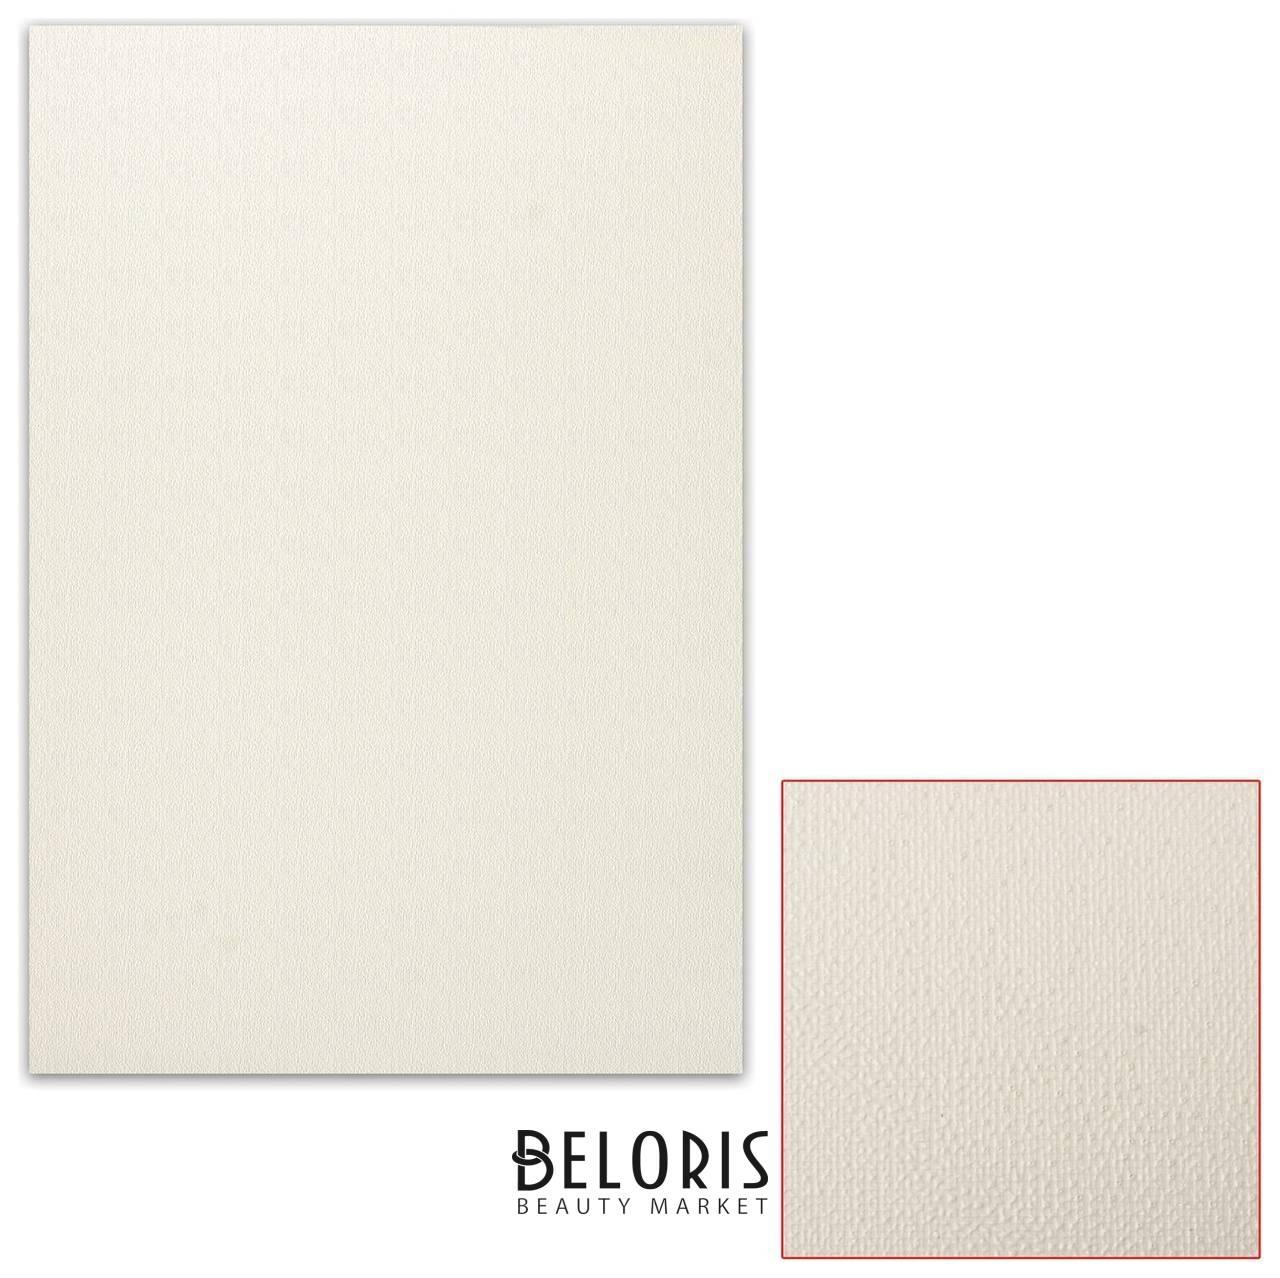 Картон белый грунтованный для масляной живописи, 50х70 см, односторонний, толщина 0,9 мм, масляный грунт Подольские товары для художников